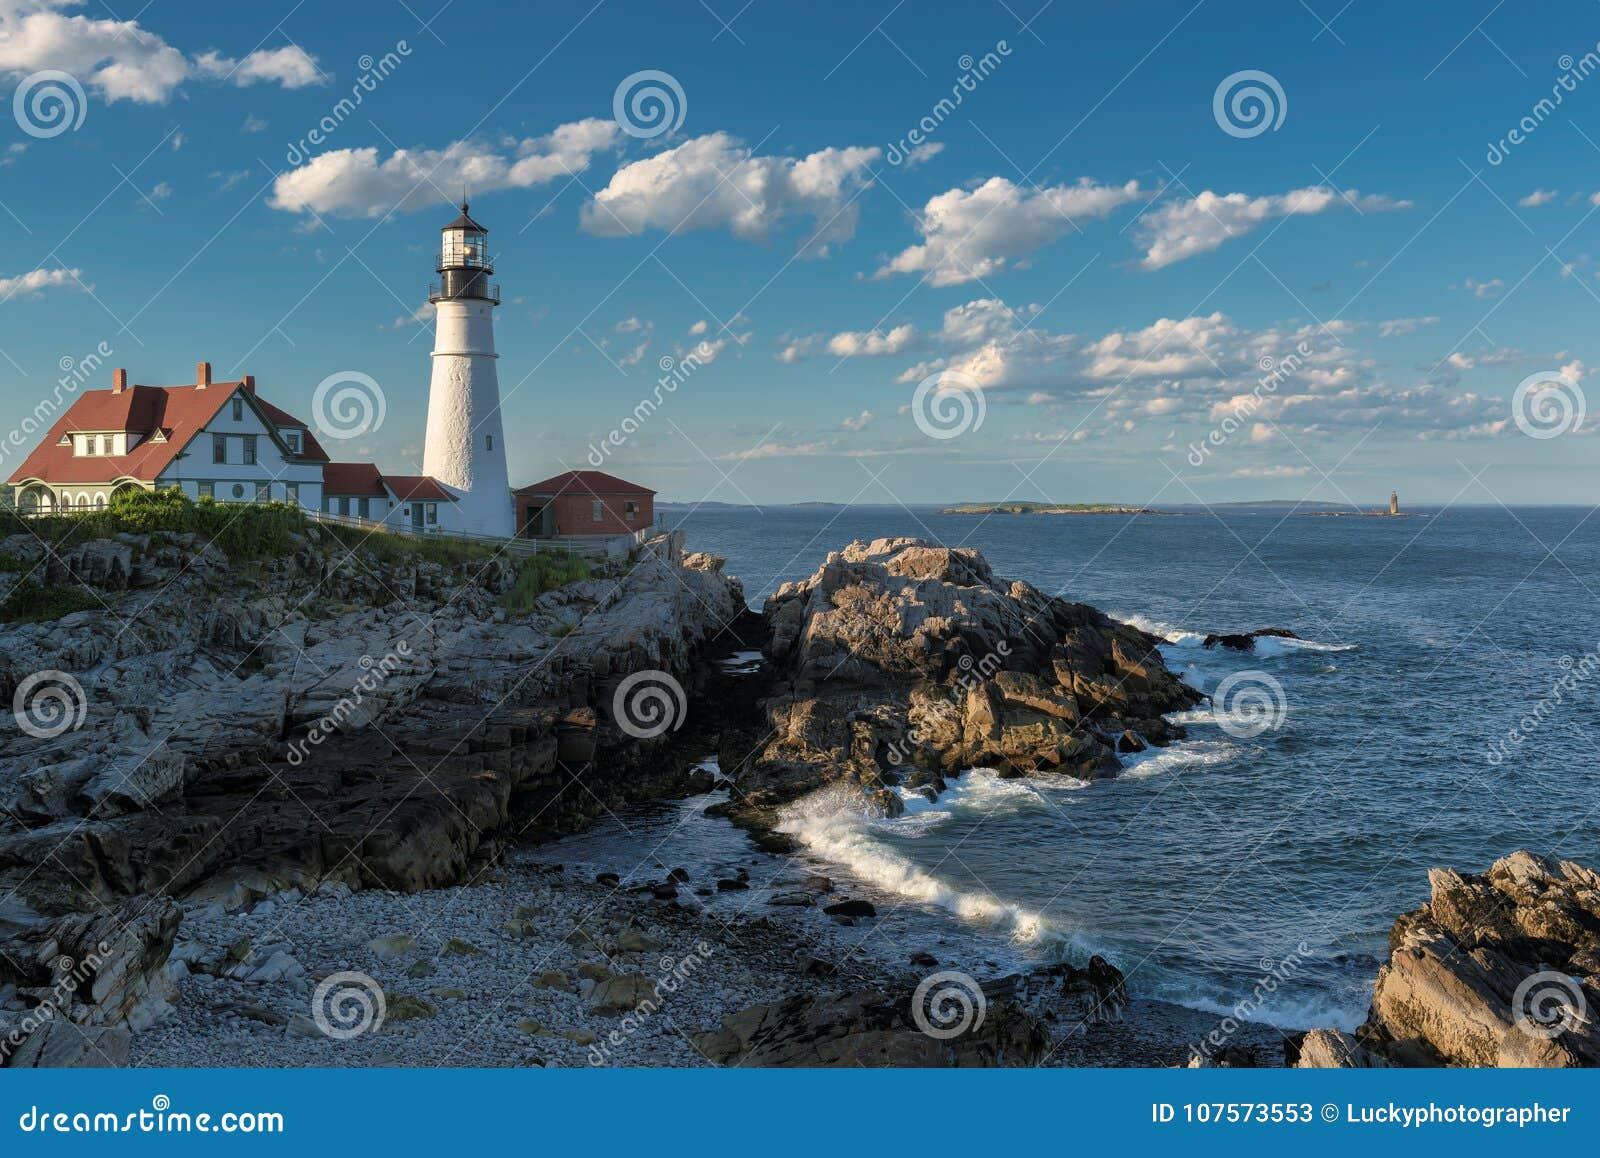 Portlandzka latarnia morska w przylądku Elizabeth, Maine, usa